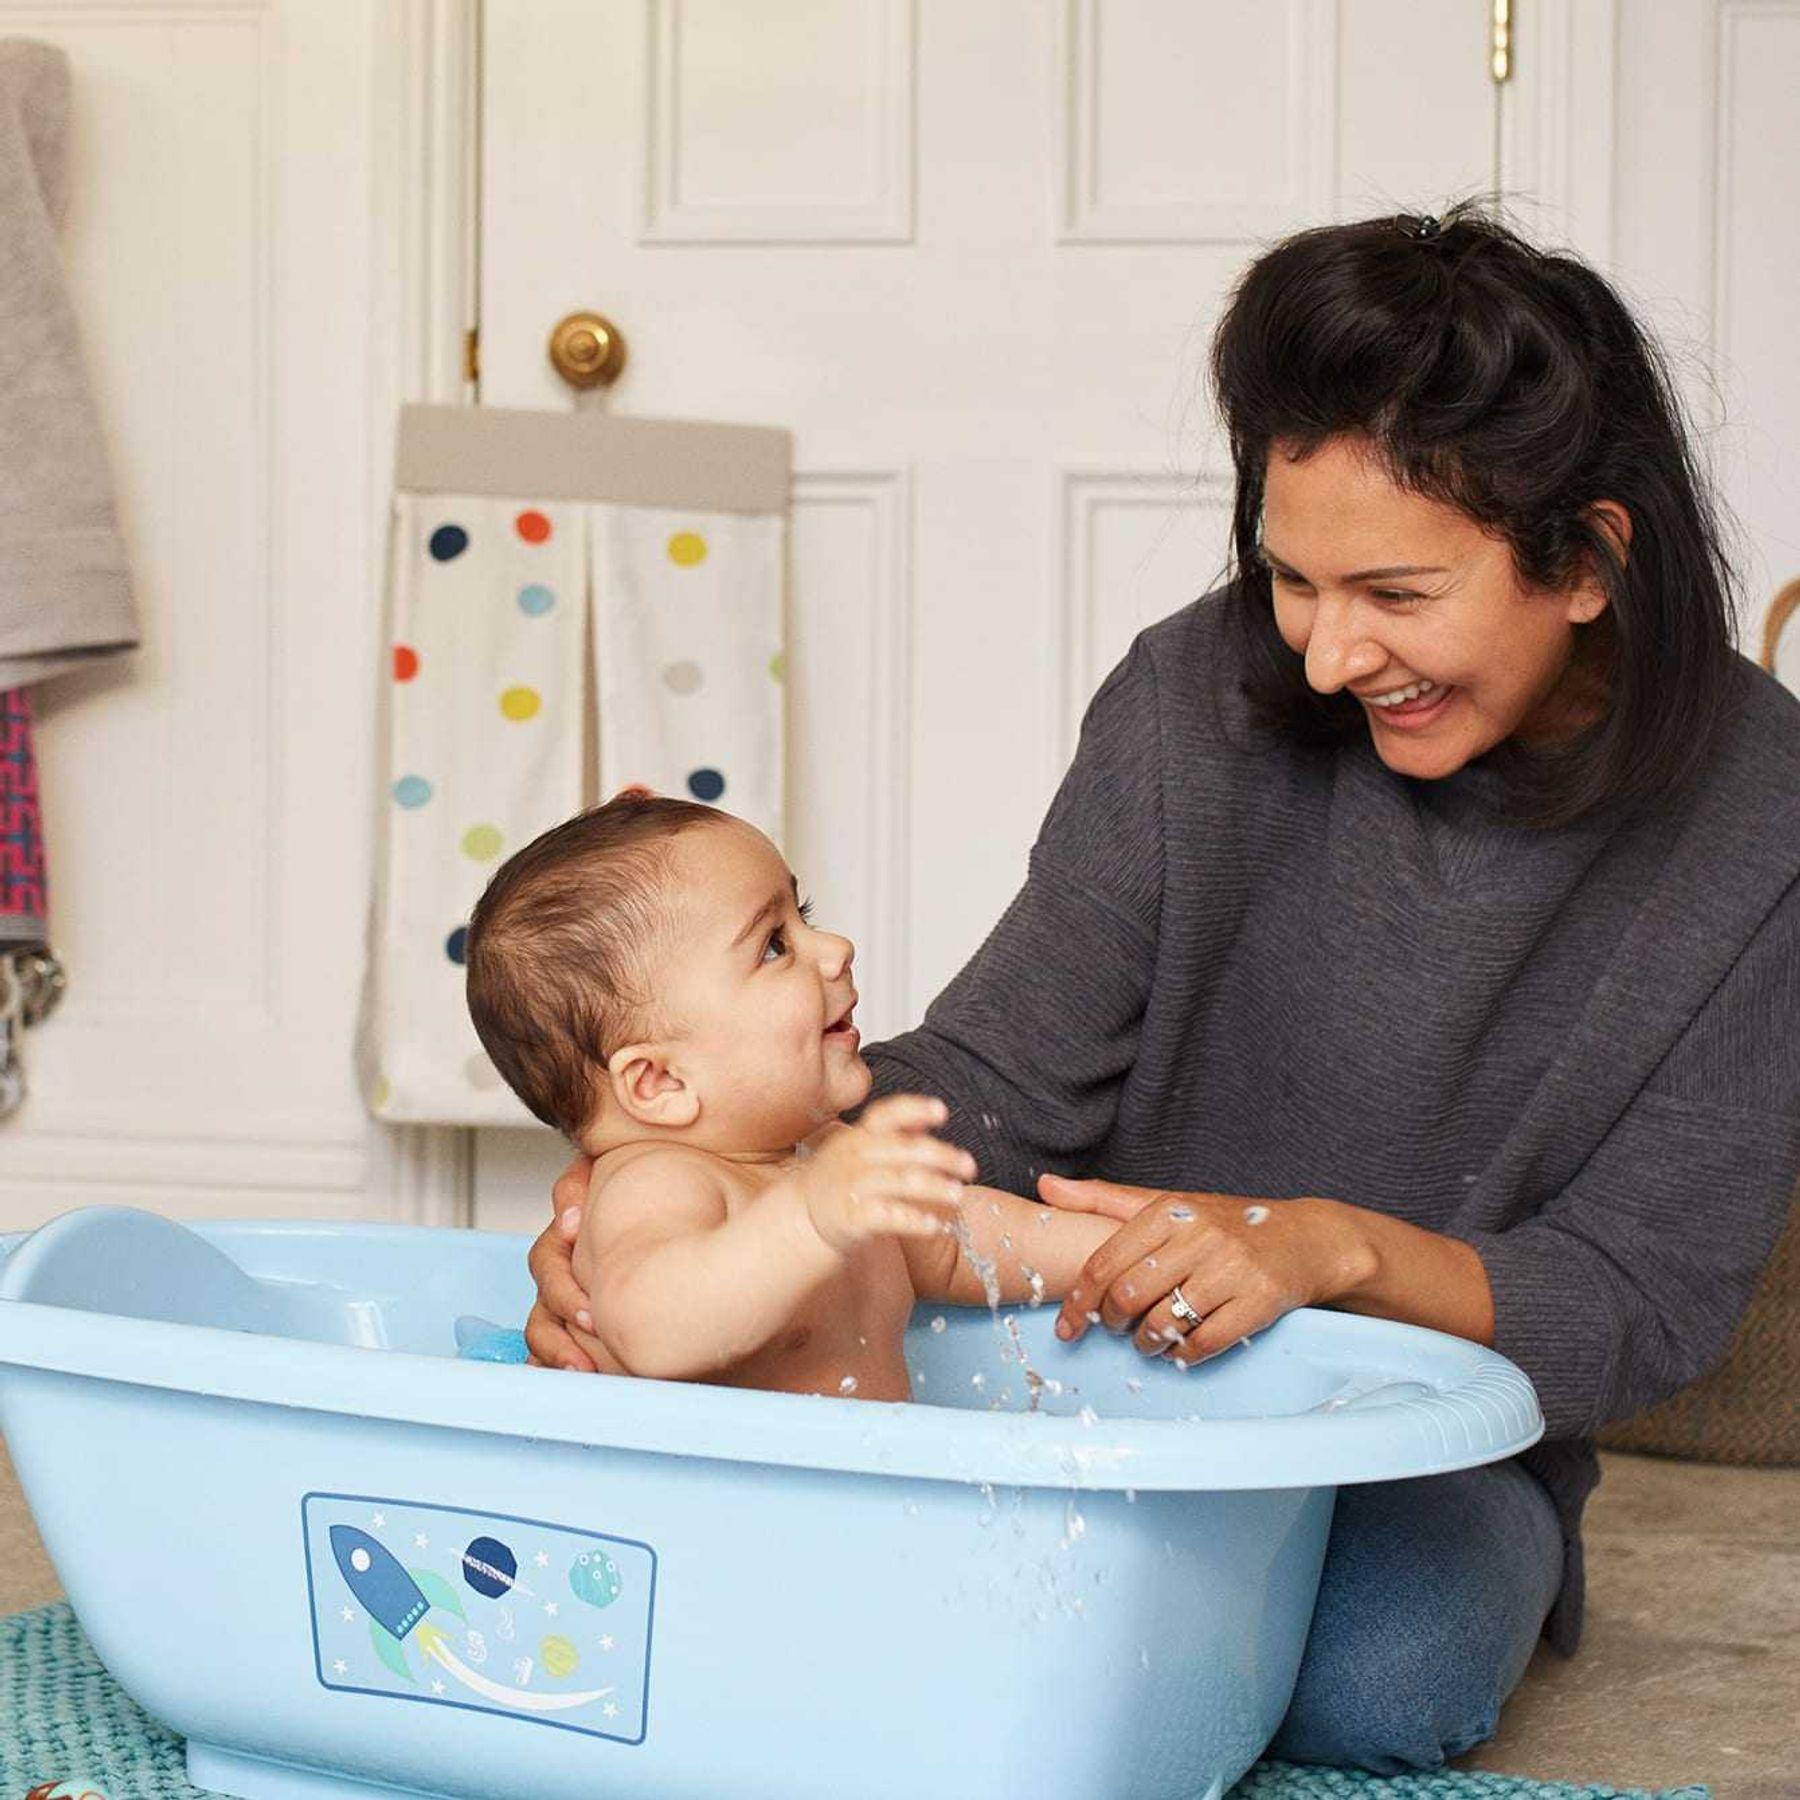 Step 2: Chọn nhiệt độ nước ấm để mẹ tắm cho trẻ sơ sinh trong chậu nước